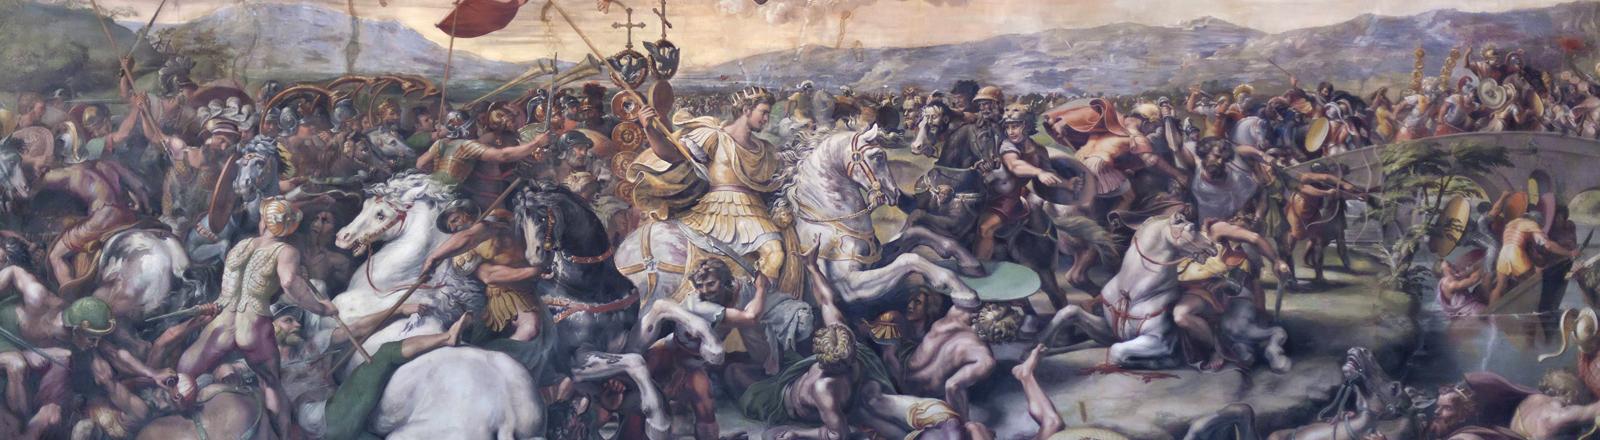 Schlacht Konstantins gegen Maxentius - Wandbild von Raffael